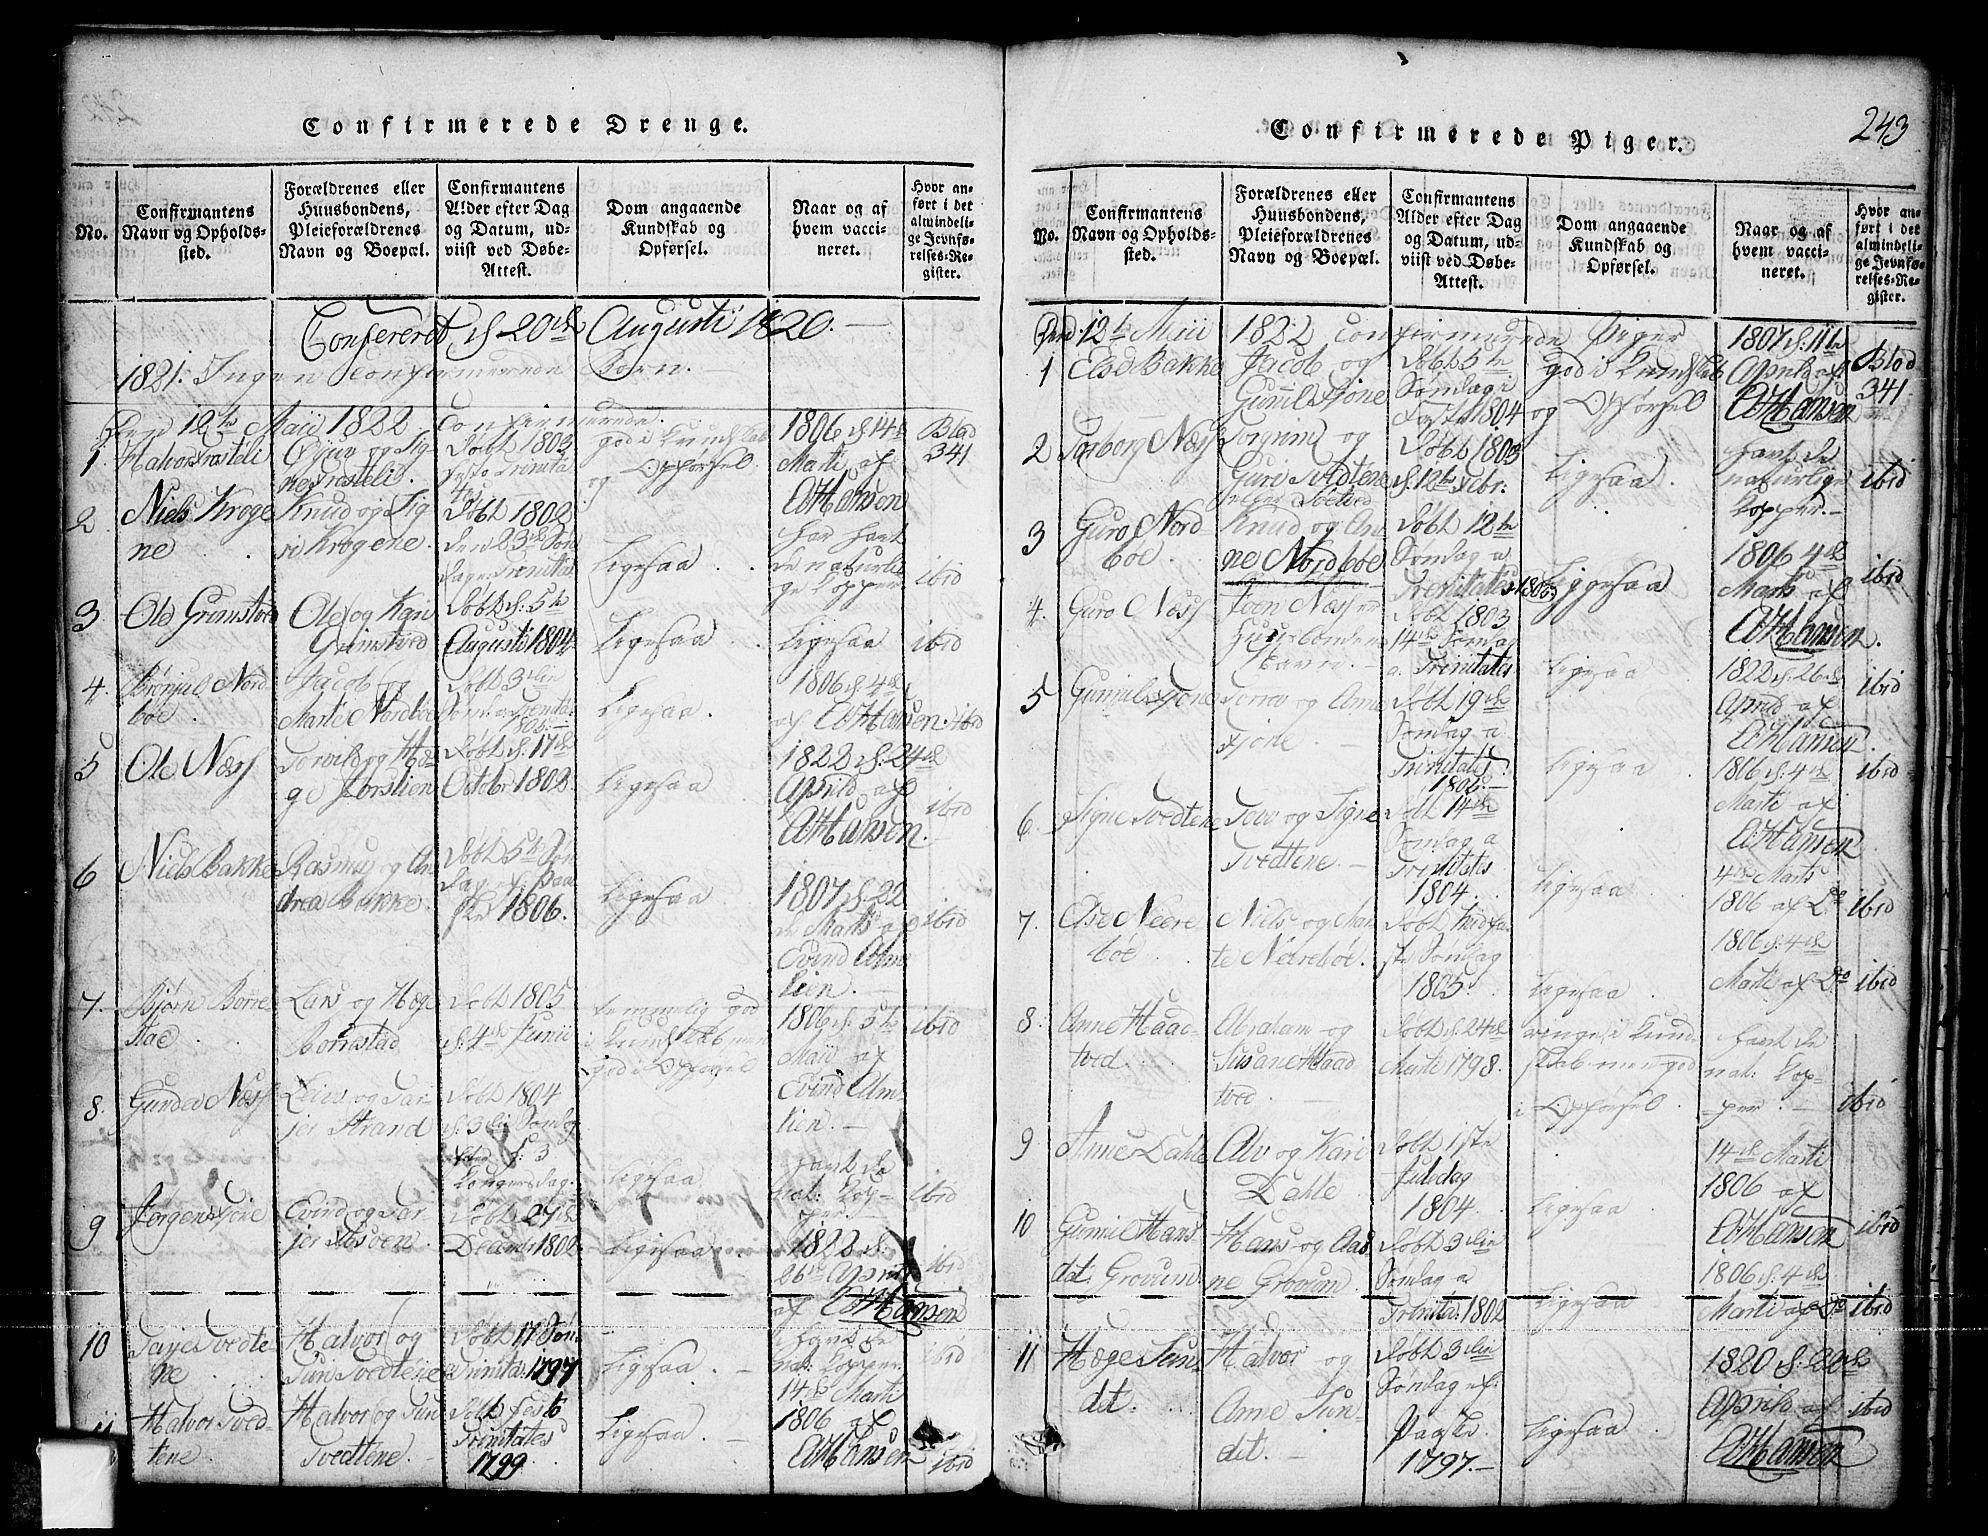 SAKO, Nissedal kirkebøker, G/Ga/L0001: Klokkerbok nr. I 1, 1814-1860, s. 243